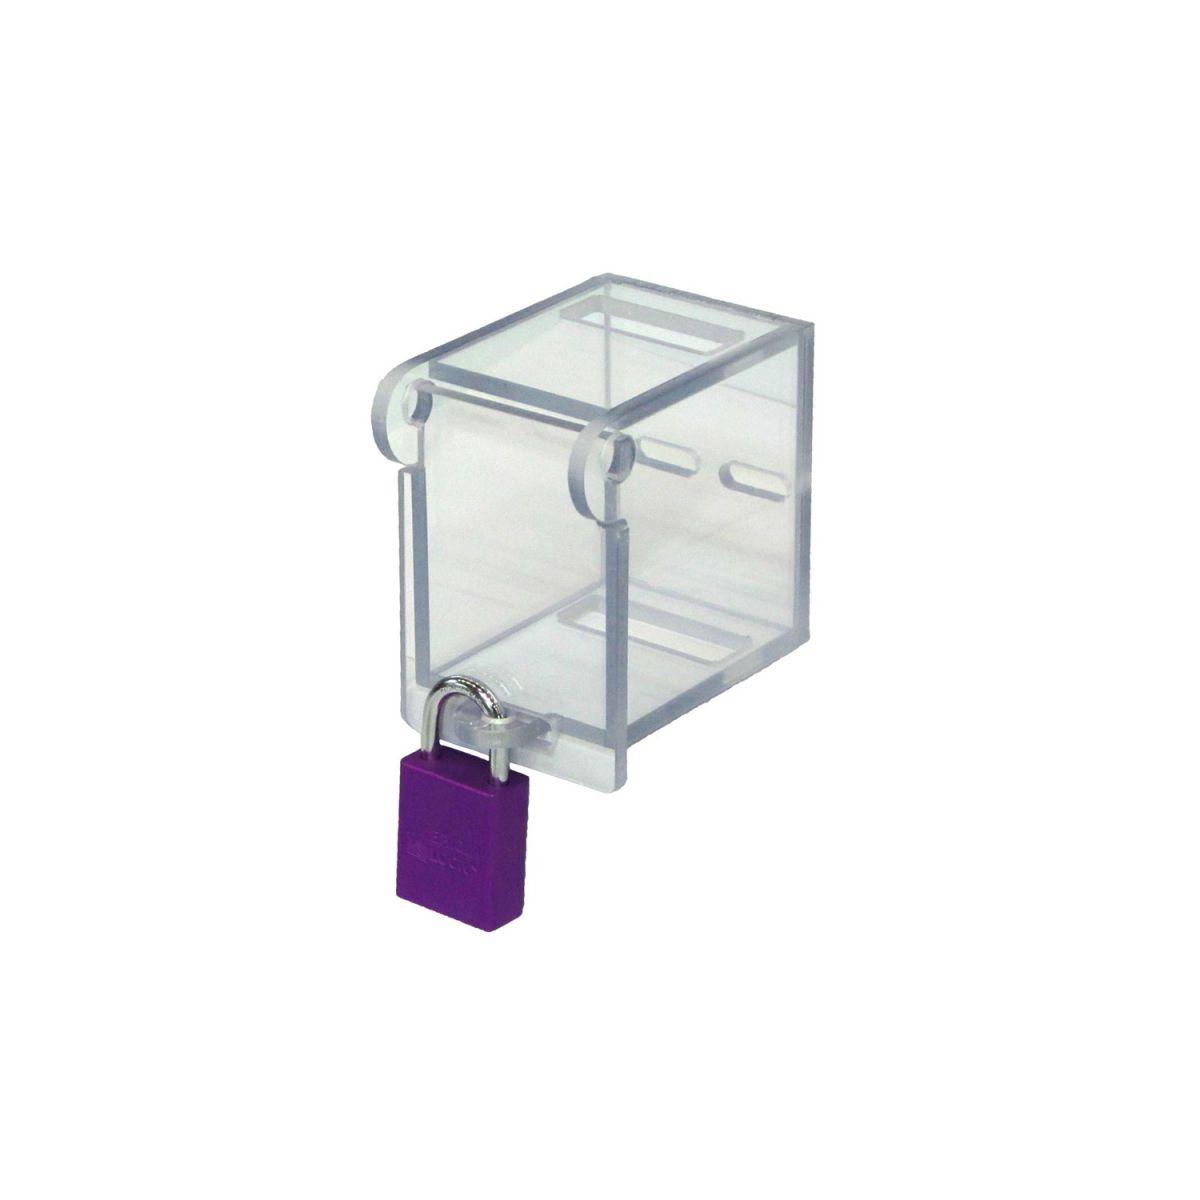 Postes de cadenassage en polycarbonate | BLC-BOR-OUV12 2